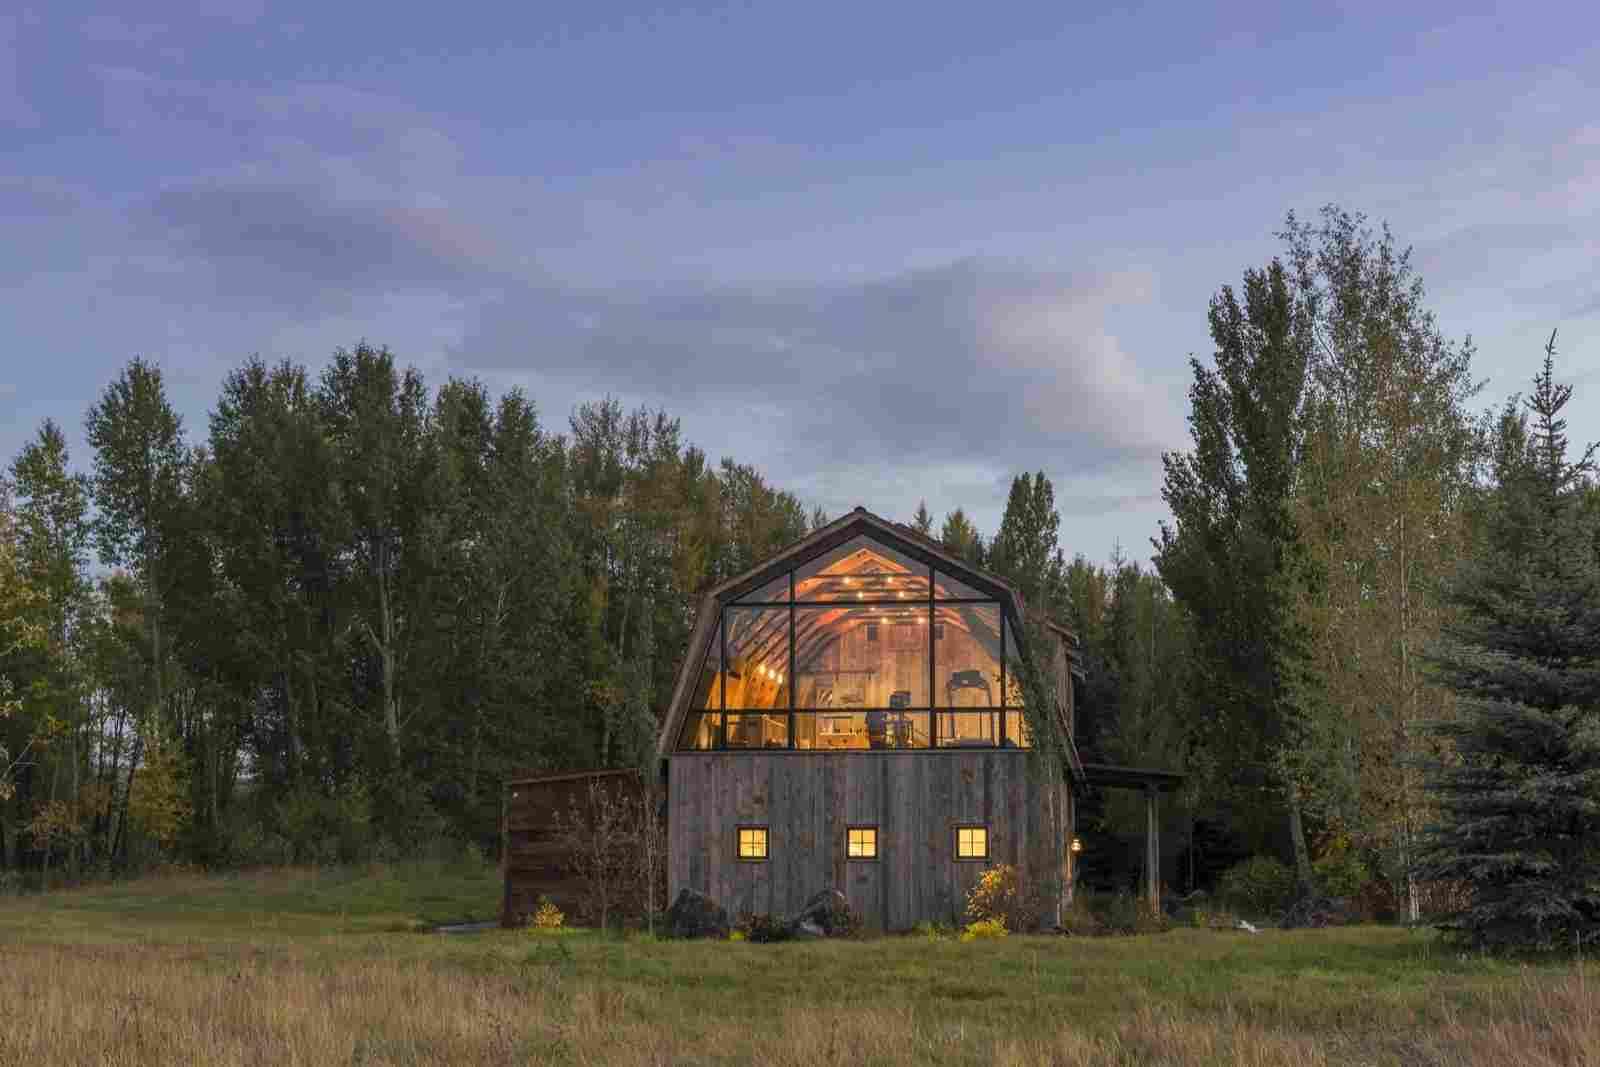 Посмотрите на этой сарай – жилье одного семейства. Вы будете удивленны видом внутри сарая. Постройка